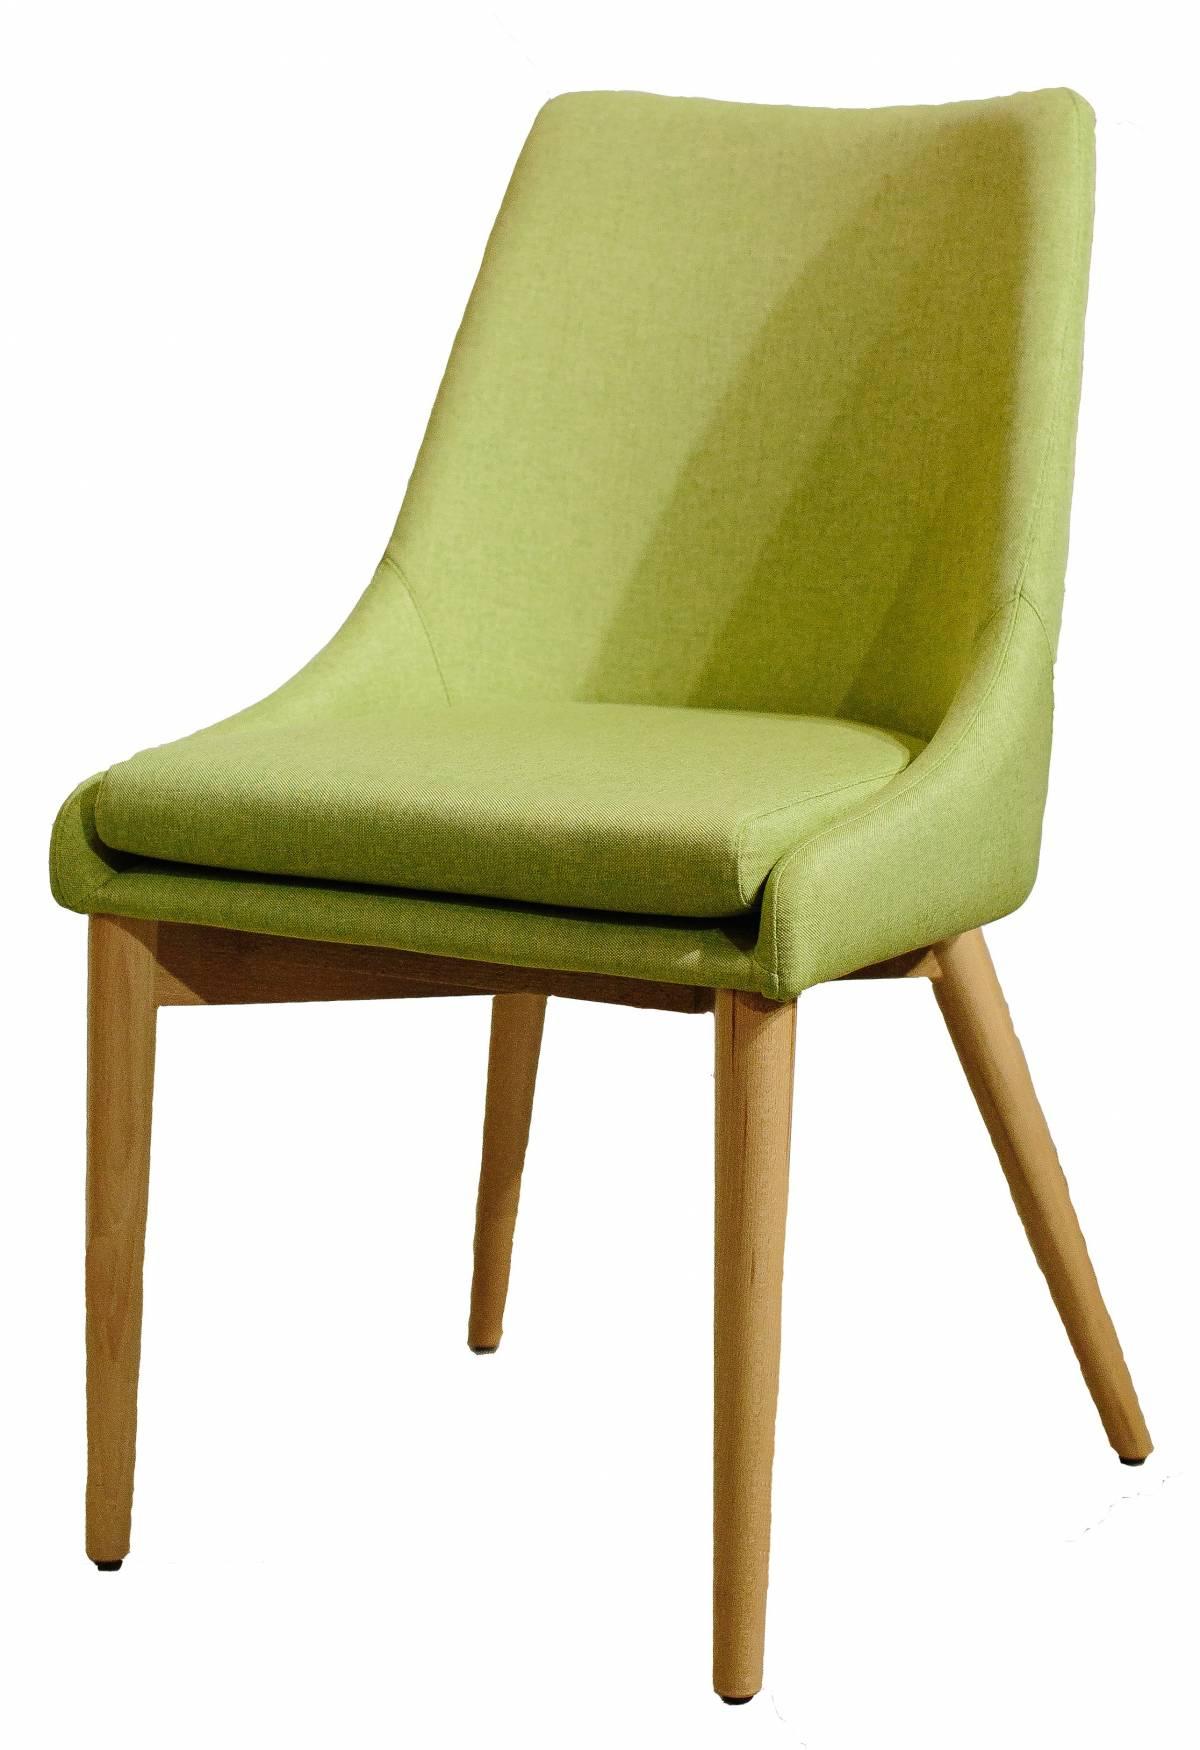 Купить деревянный стул Moose в Raroom